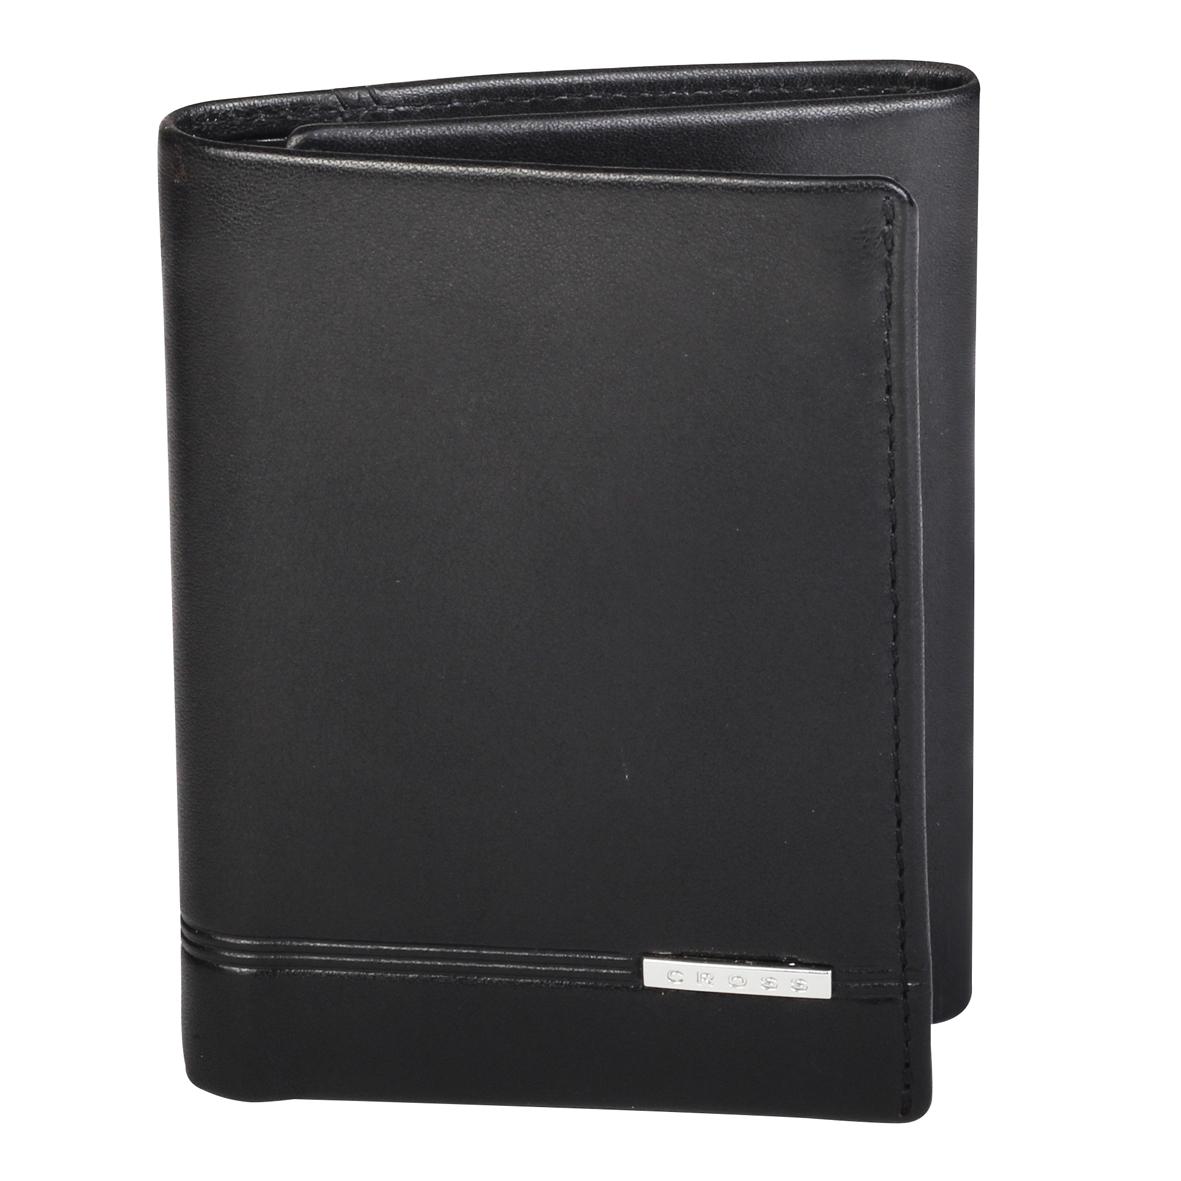 Кошелек мужской Cross, цвет: черный. AC018069-1AC018069-1Кошелек. Шесть отделений для кредитных карт.Одно отделение для банкнот. Один карман для документов с окошком. Четыре универсальных кармана.